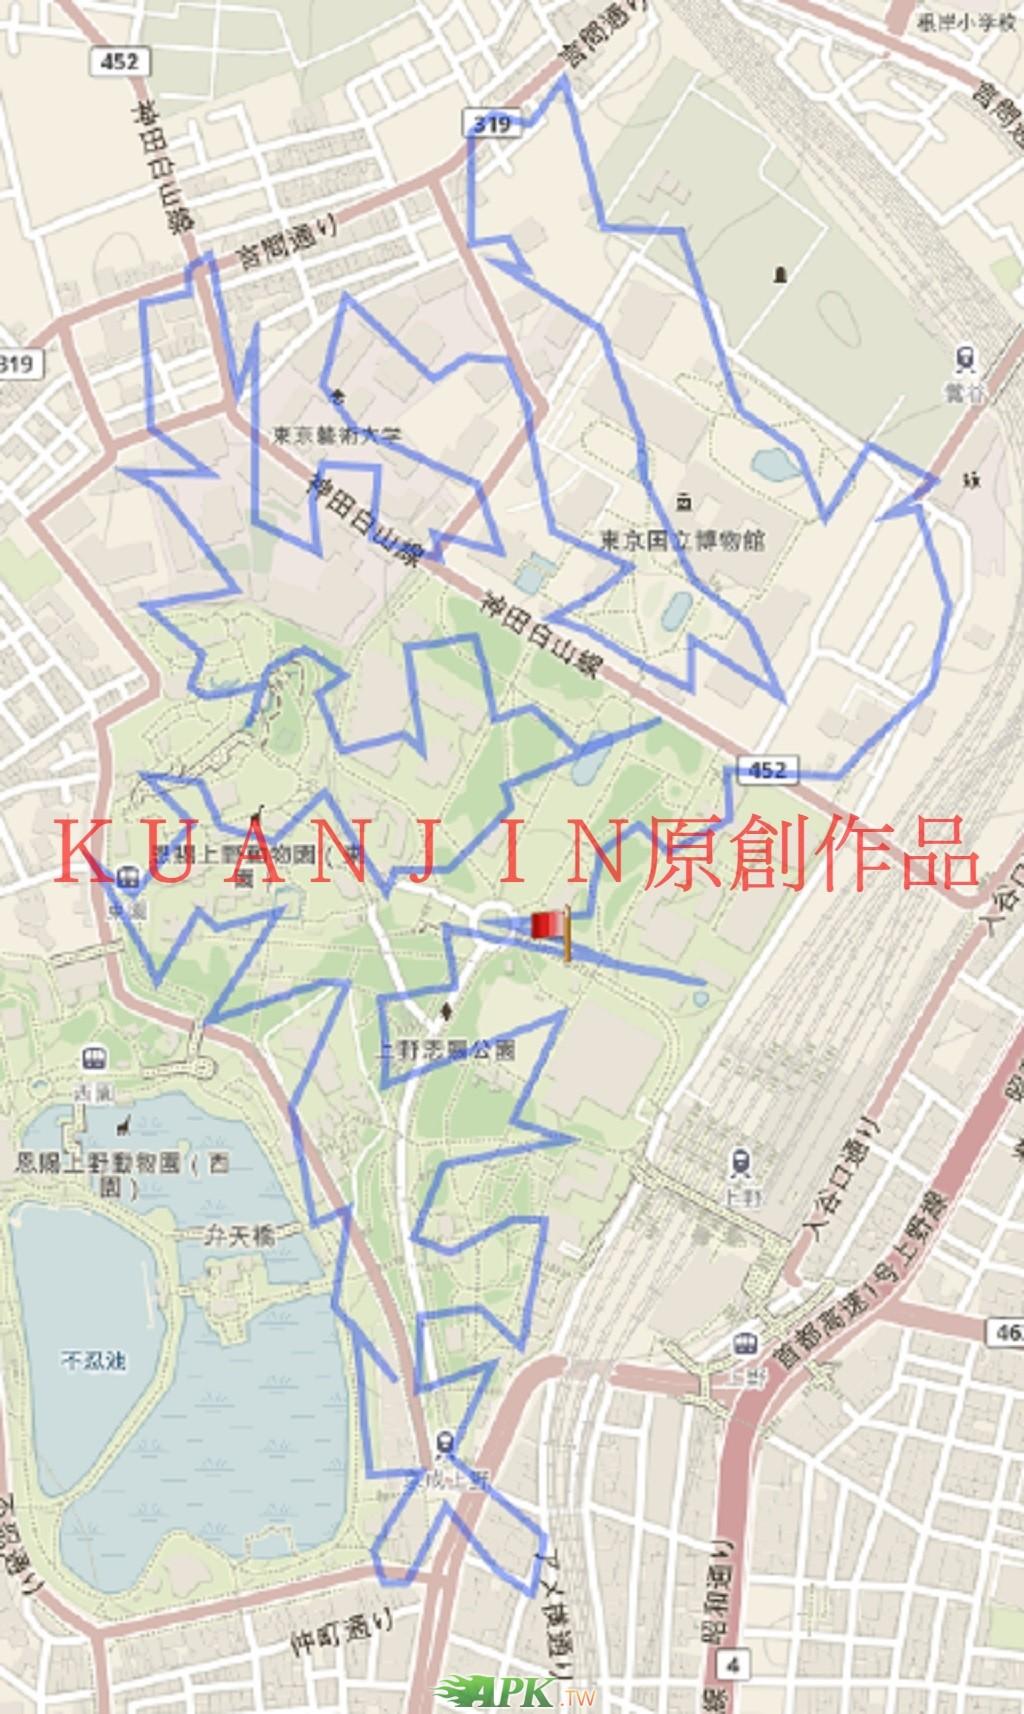 日本-東京上野恩賜公園20191202.jpg